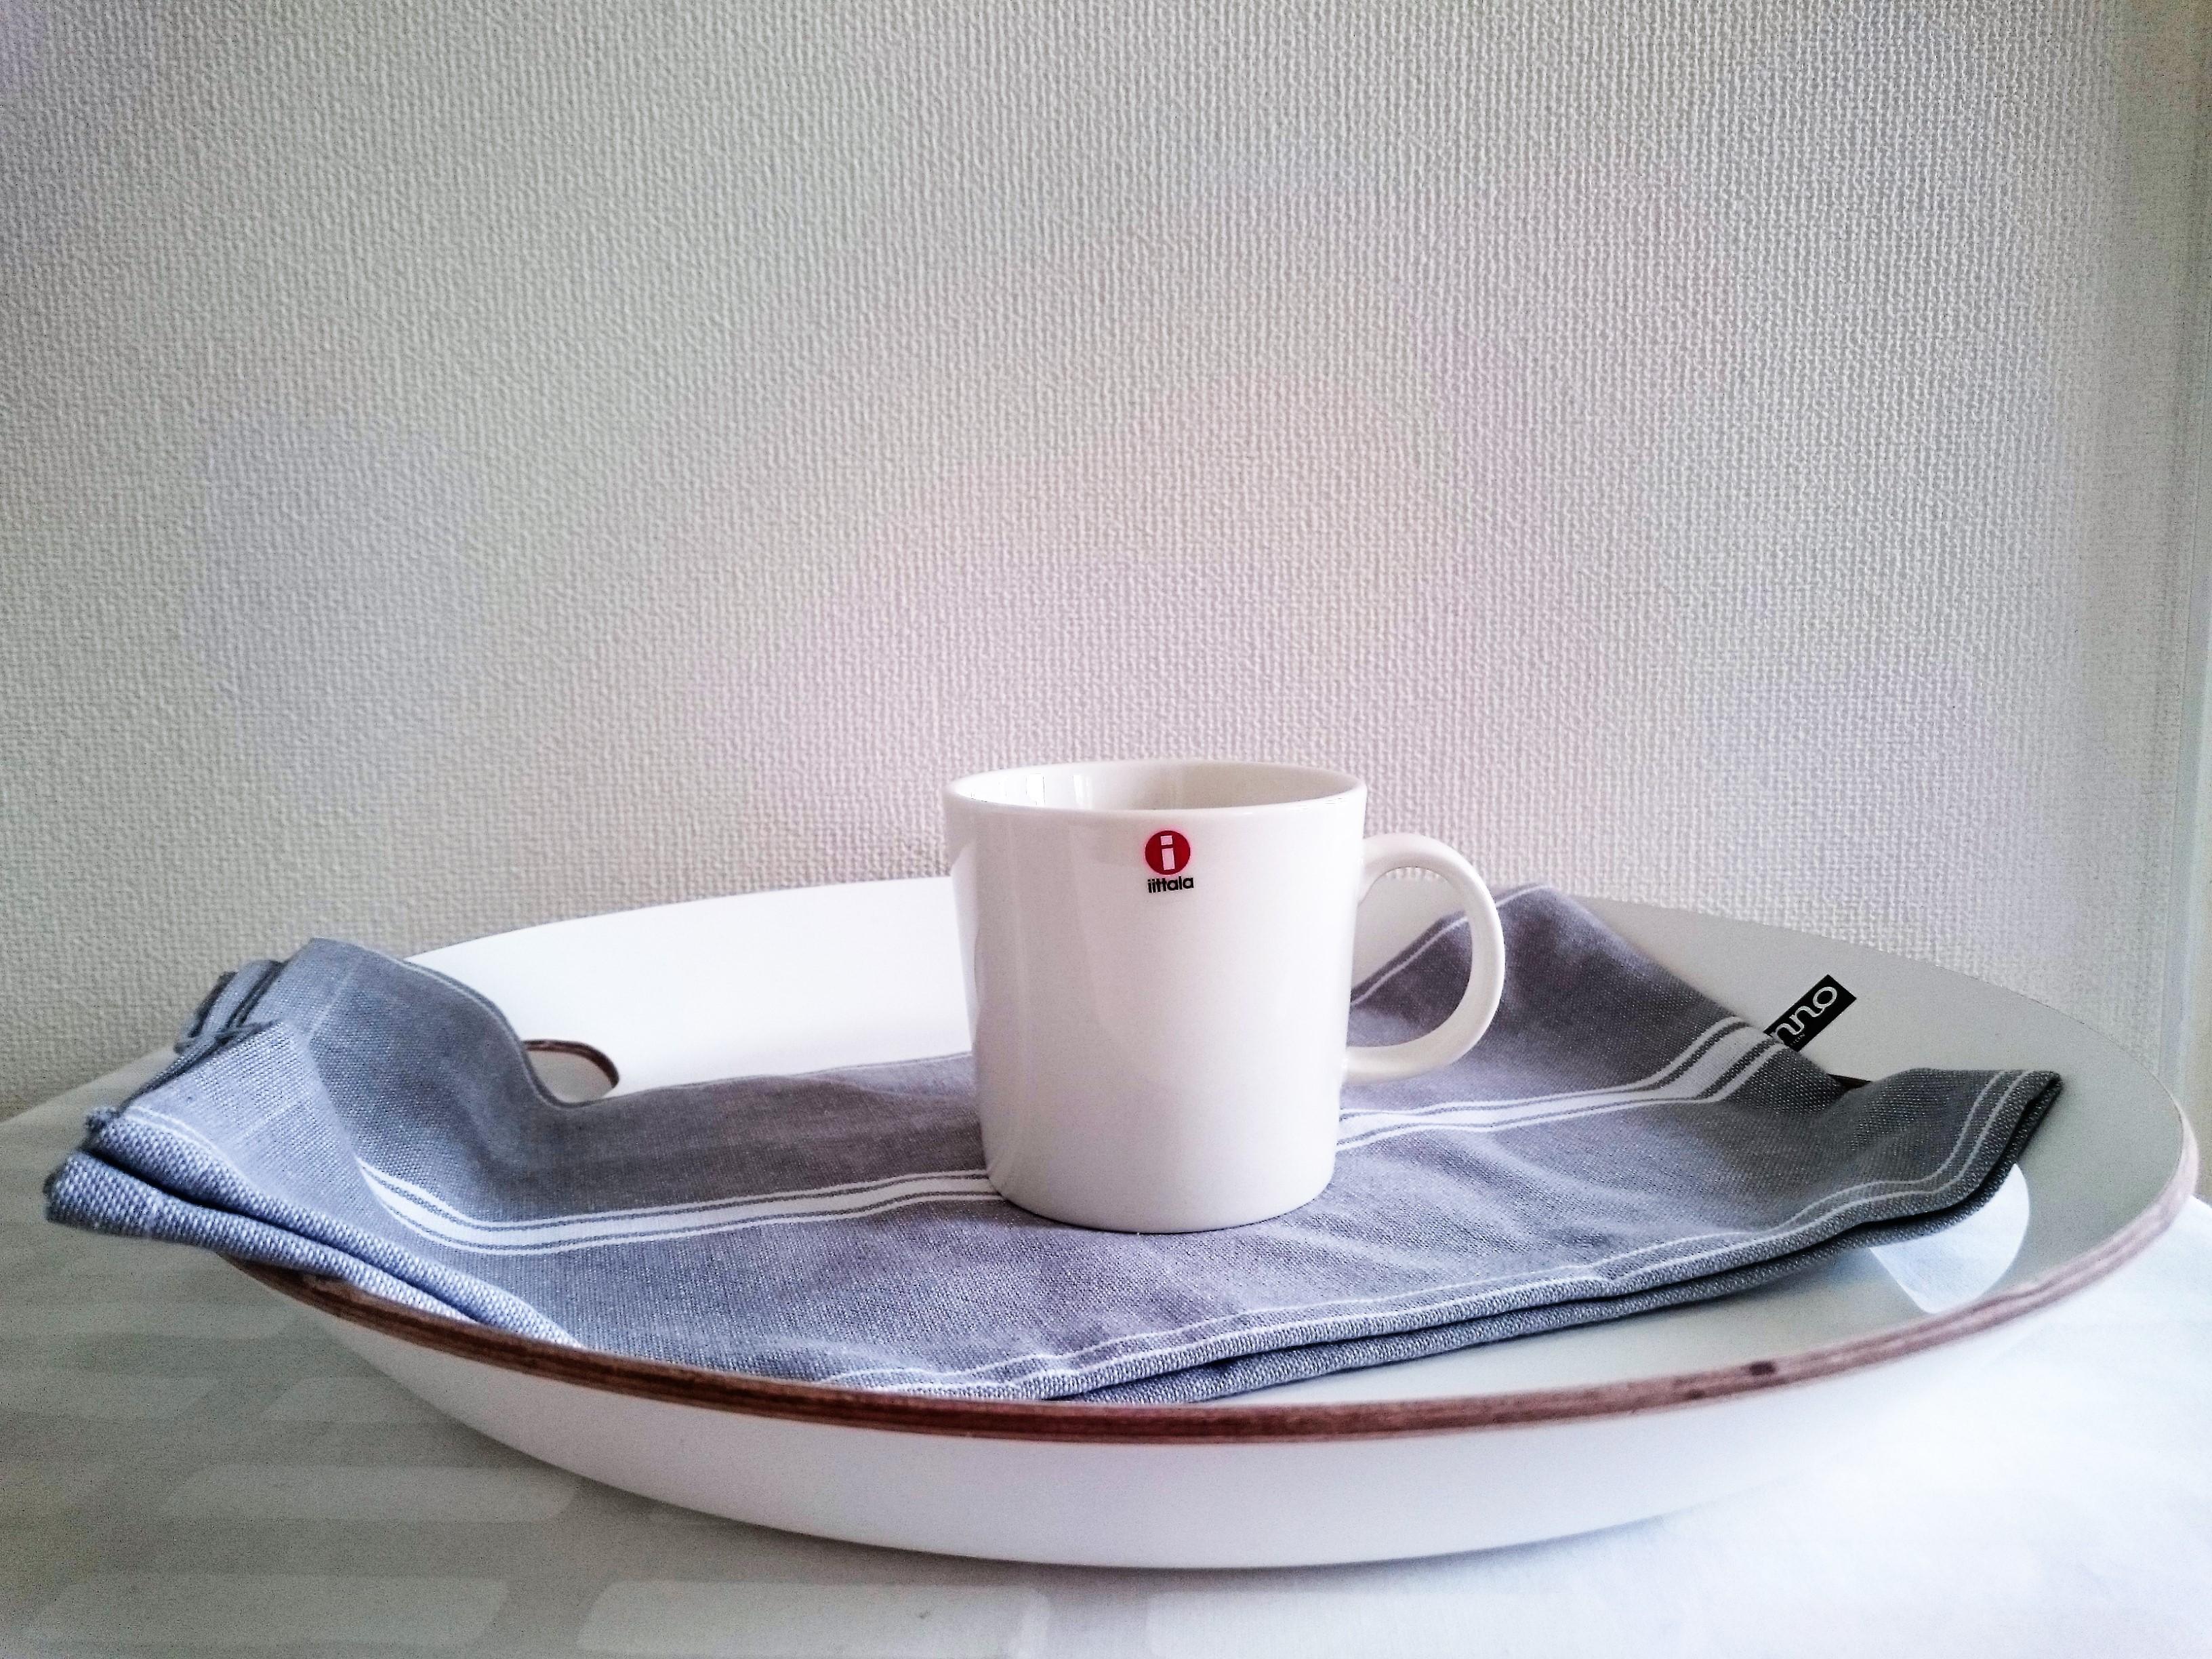 マグカップ / イッタラ / TEEMA ティーマ /  ホワイト (0.3L)